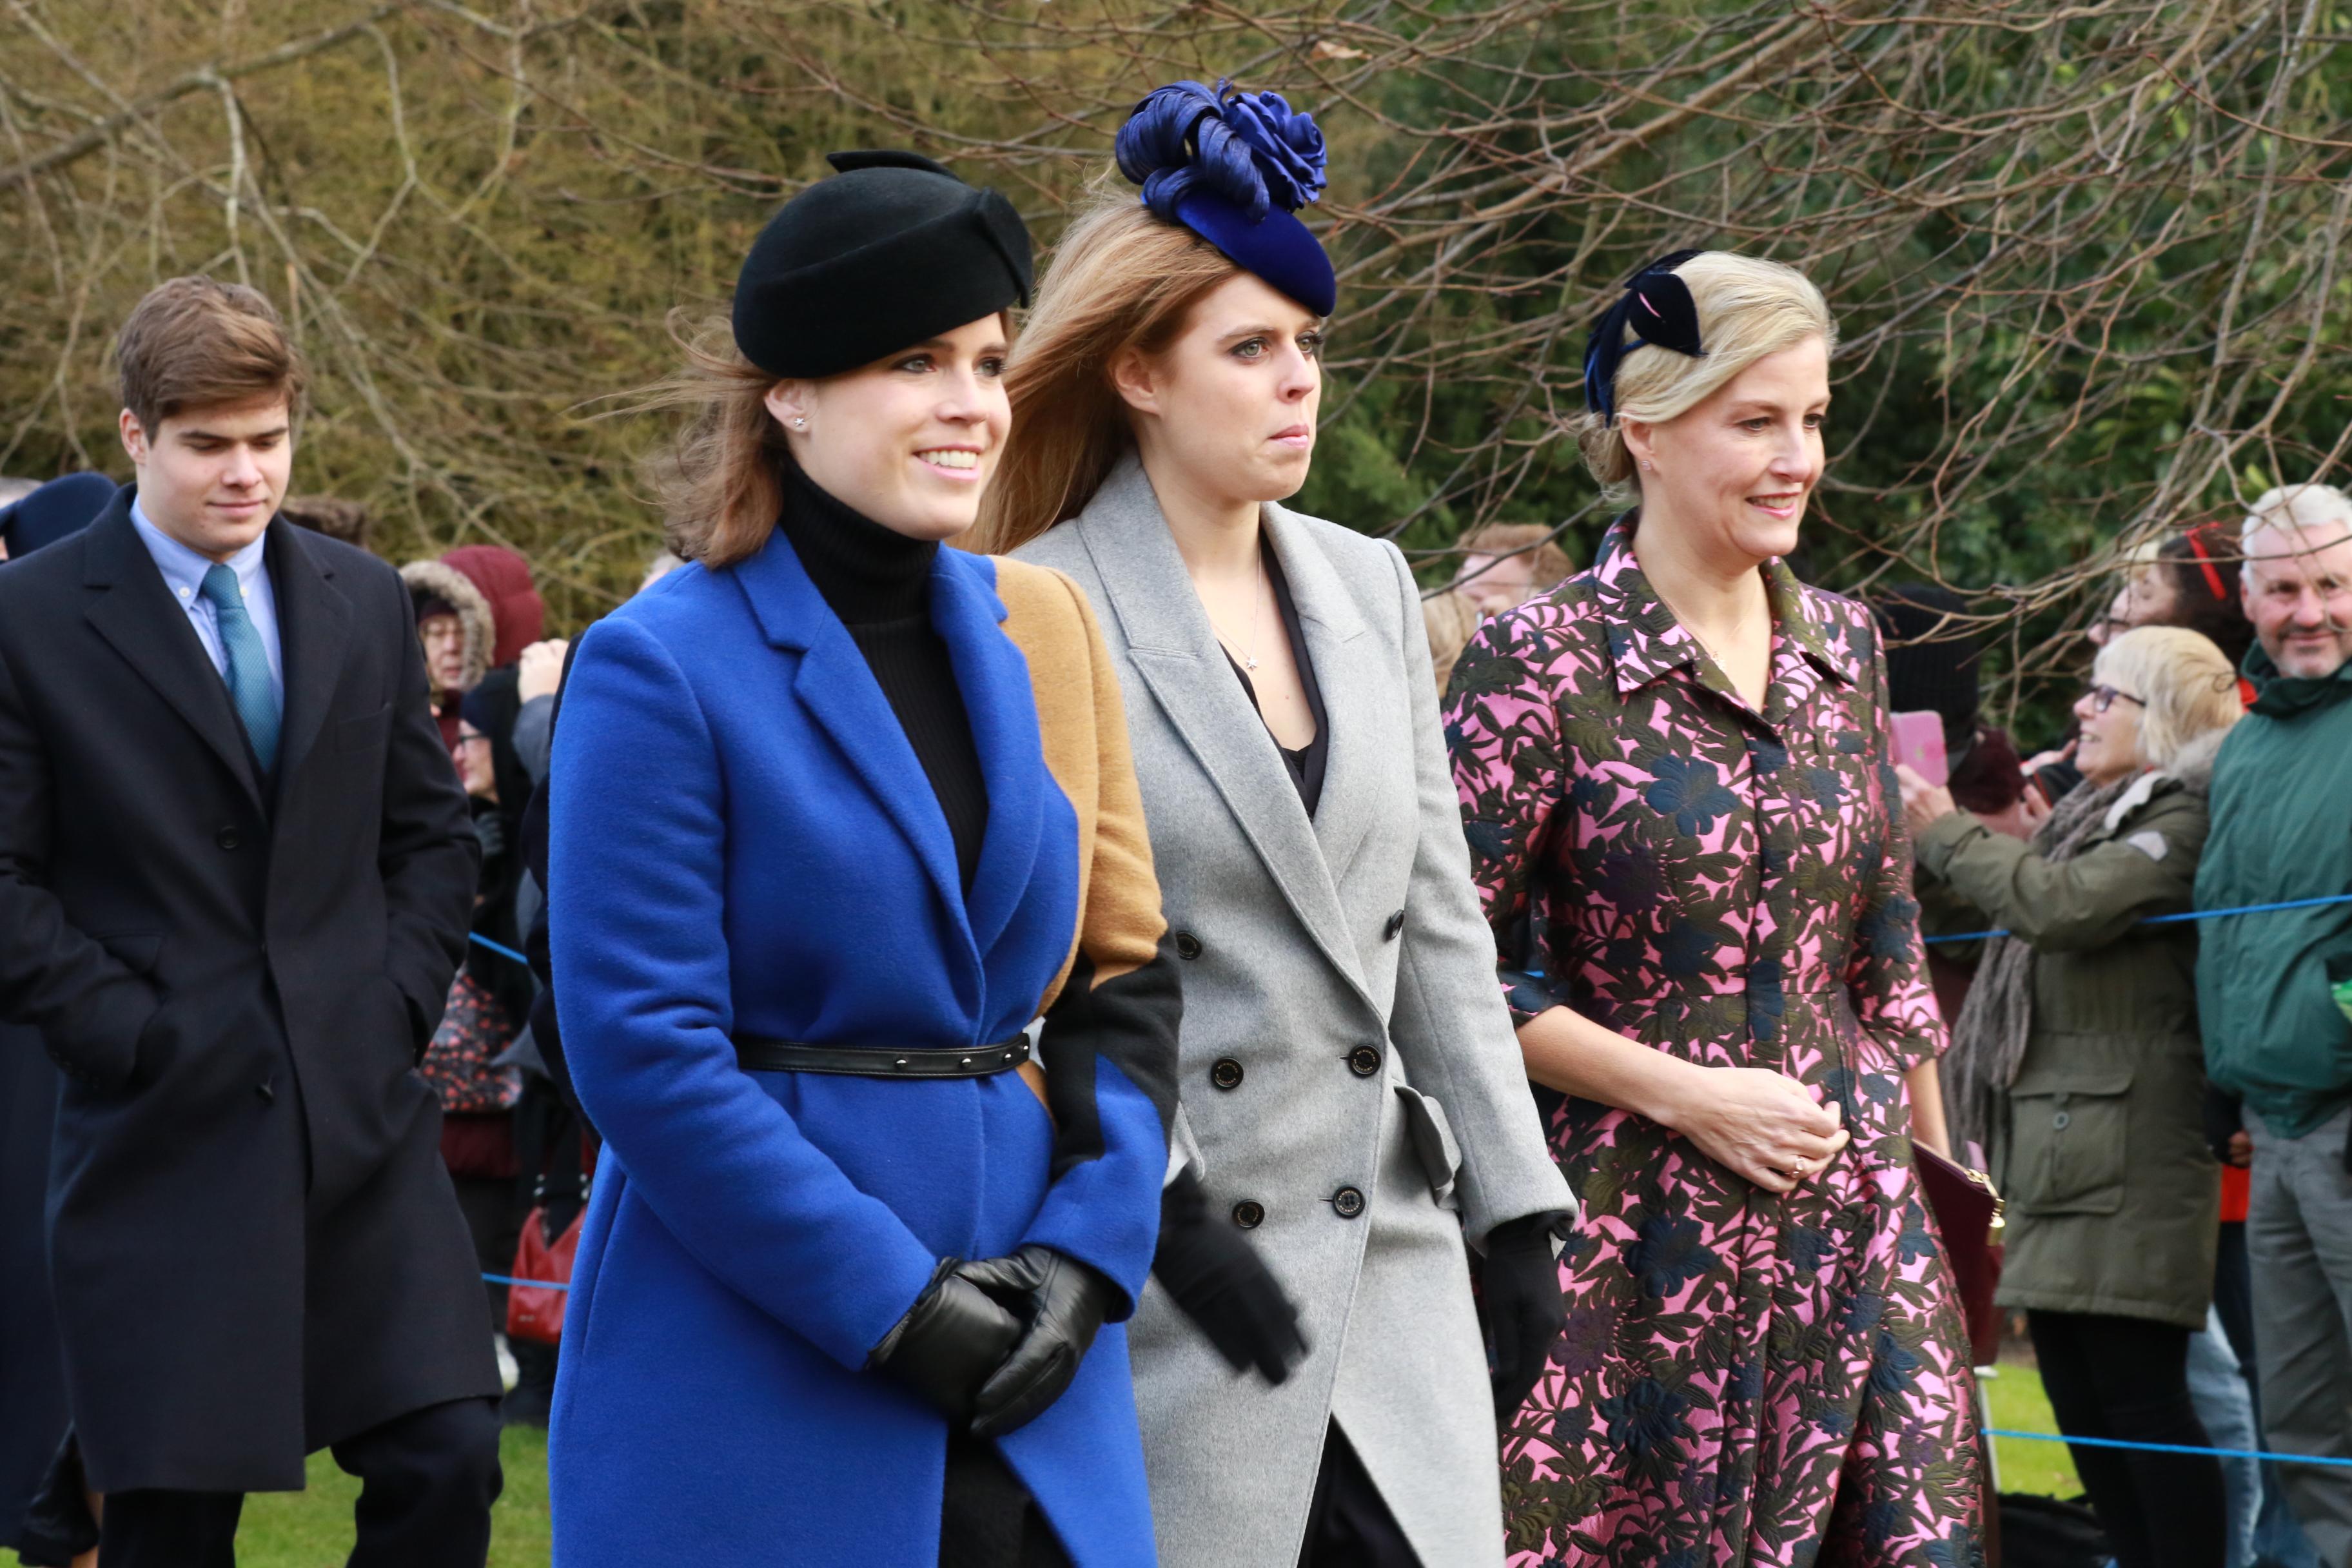 Royal Family Christmas.File The Royal Family On Christmas Day 2017 Jpg Wikimedia